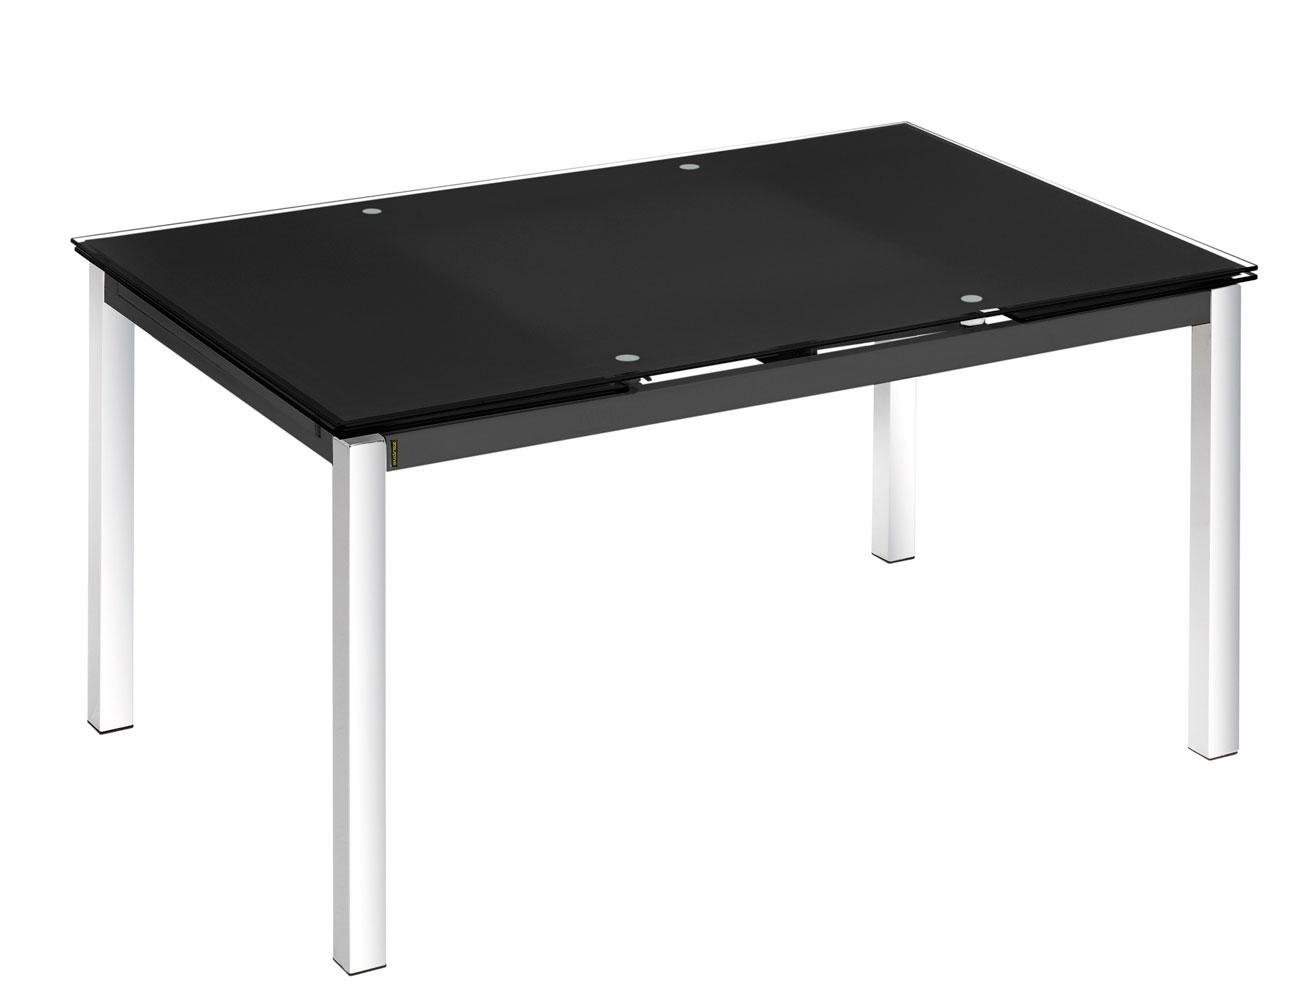 Mesa cocina cristal templado negra extensible 207